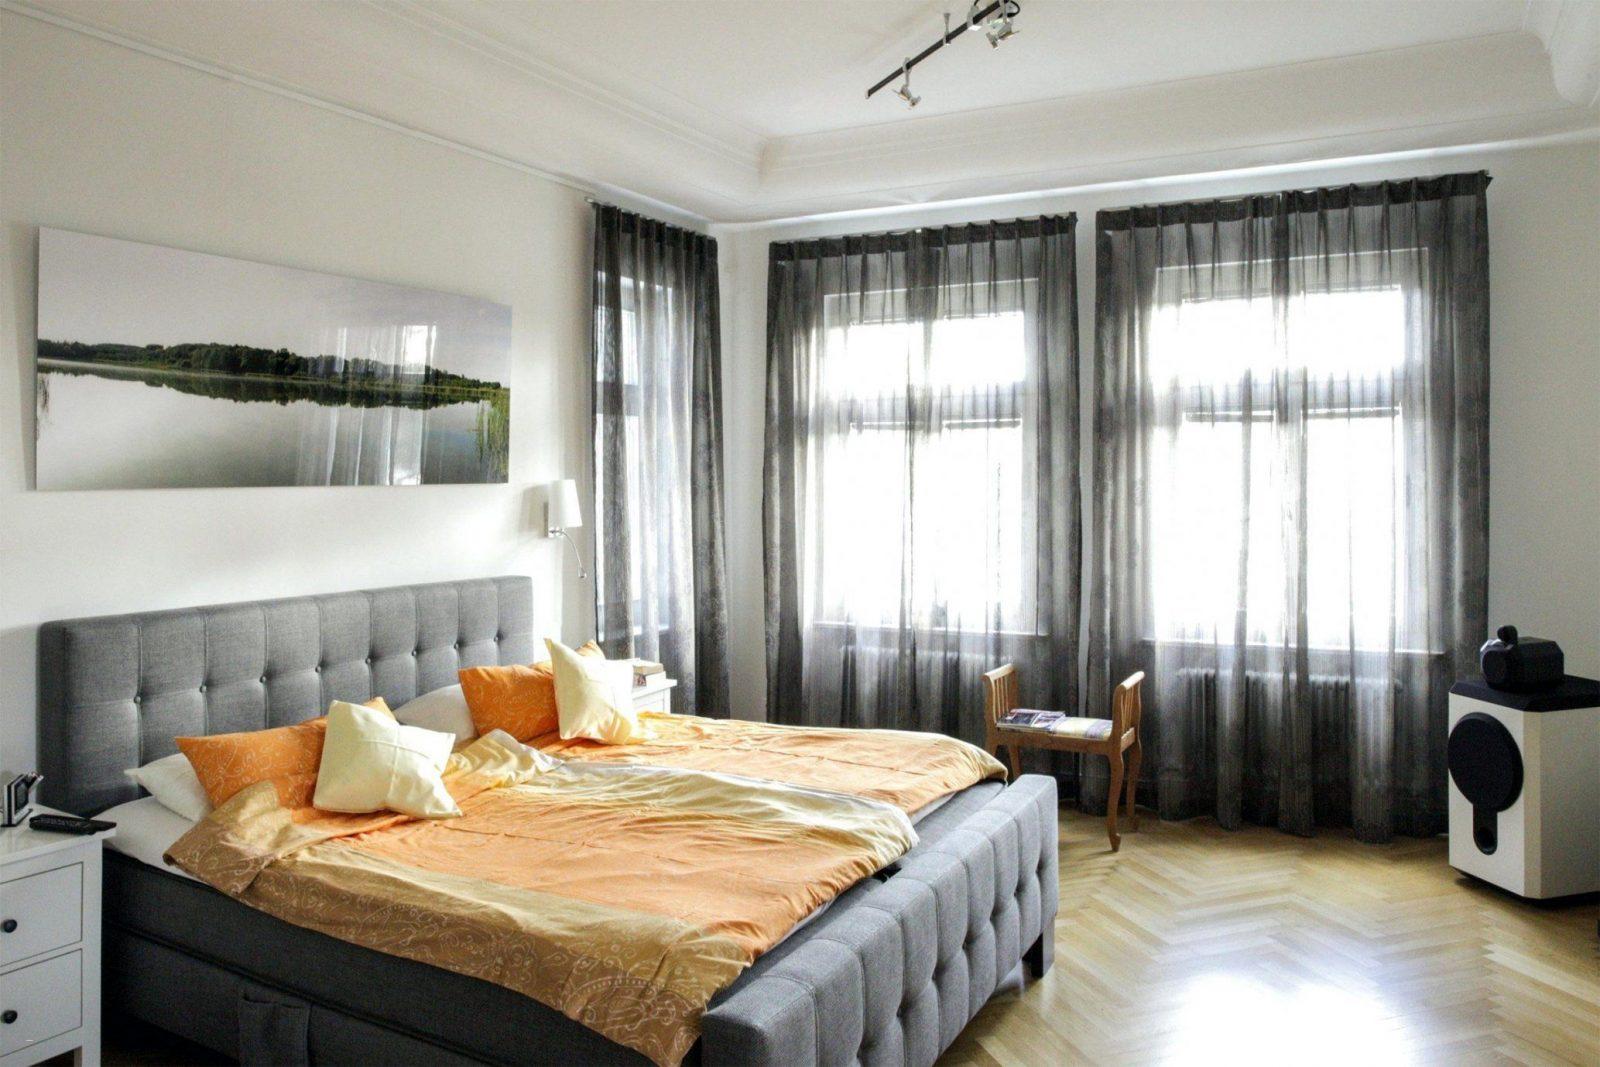 Wohnideen  Gardine Schlafzimmer Mit Inspirierend Genial von Schlafzimmer Gardinen Bilder Photo